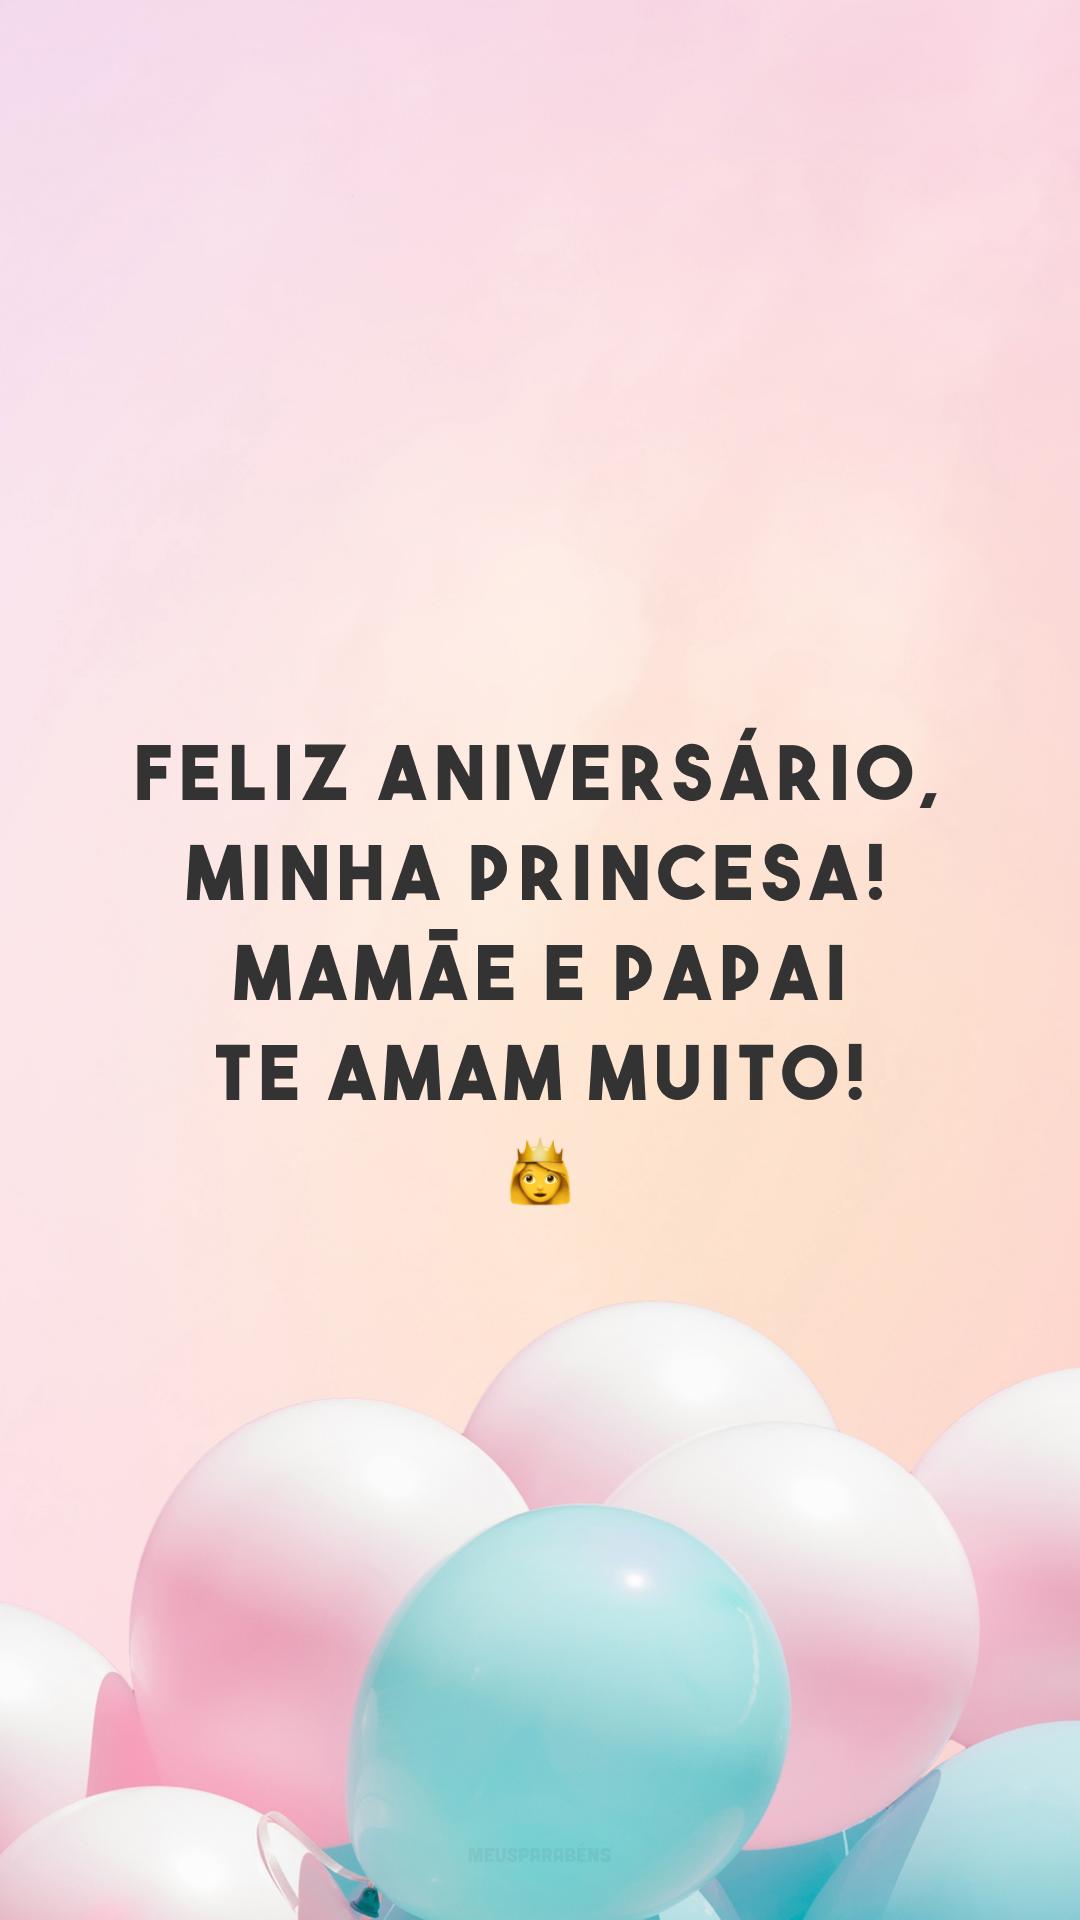 Feliz aniversário, minha princesa! Mamãe e papai te amam muito! ?